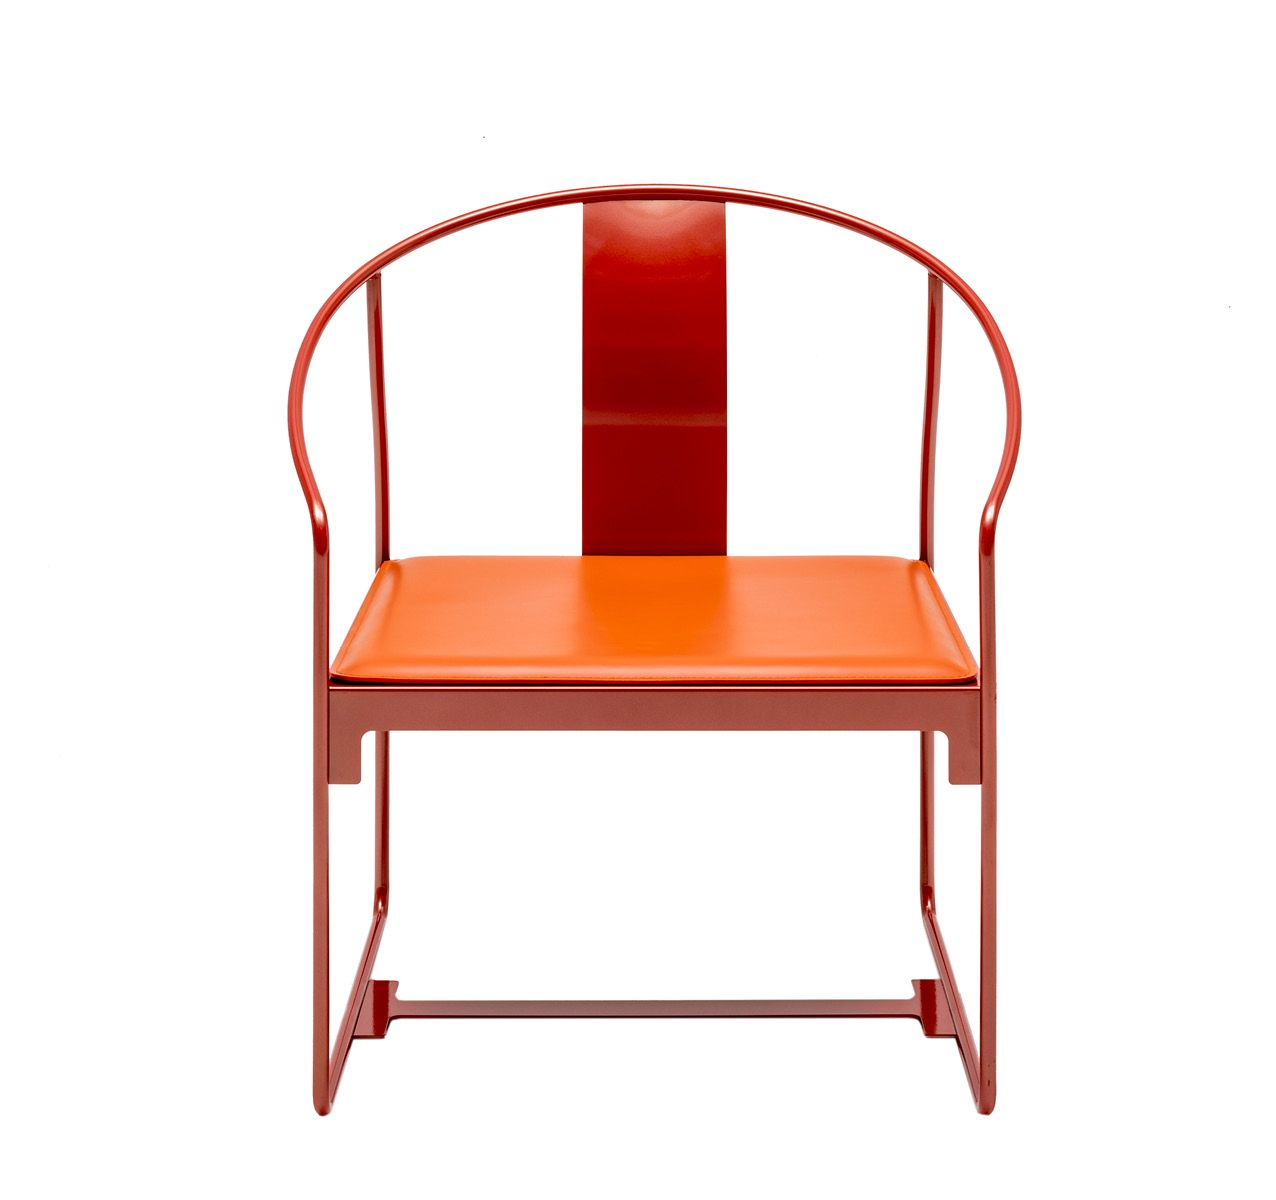 MINGX - Indoor Armchair Orange, 42